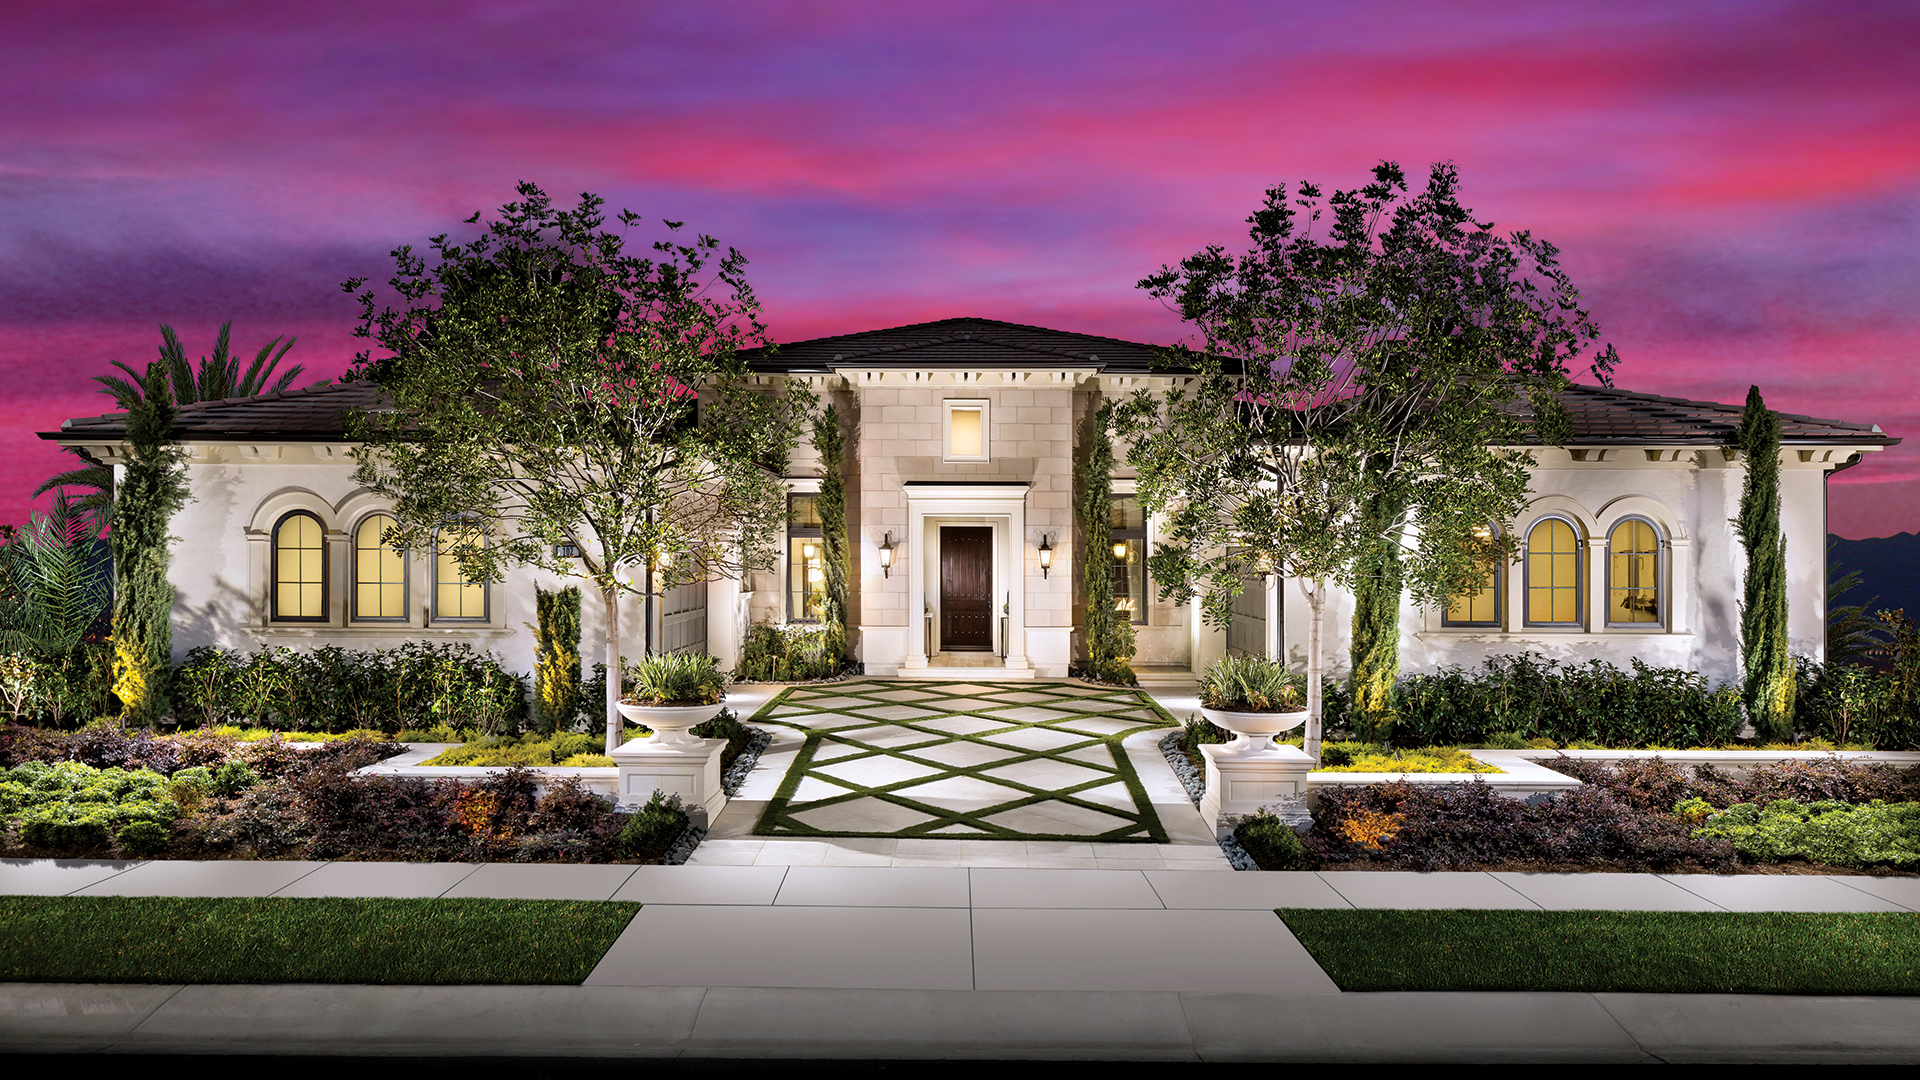 New Luxury Homes For Sale In Rocklin Ca Oakcrest